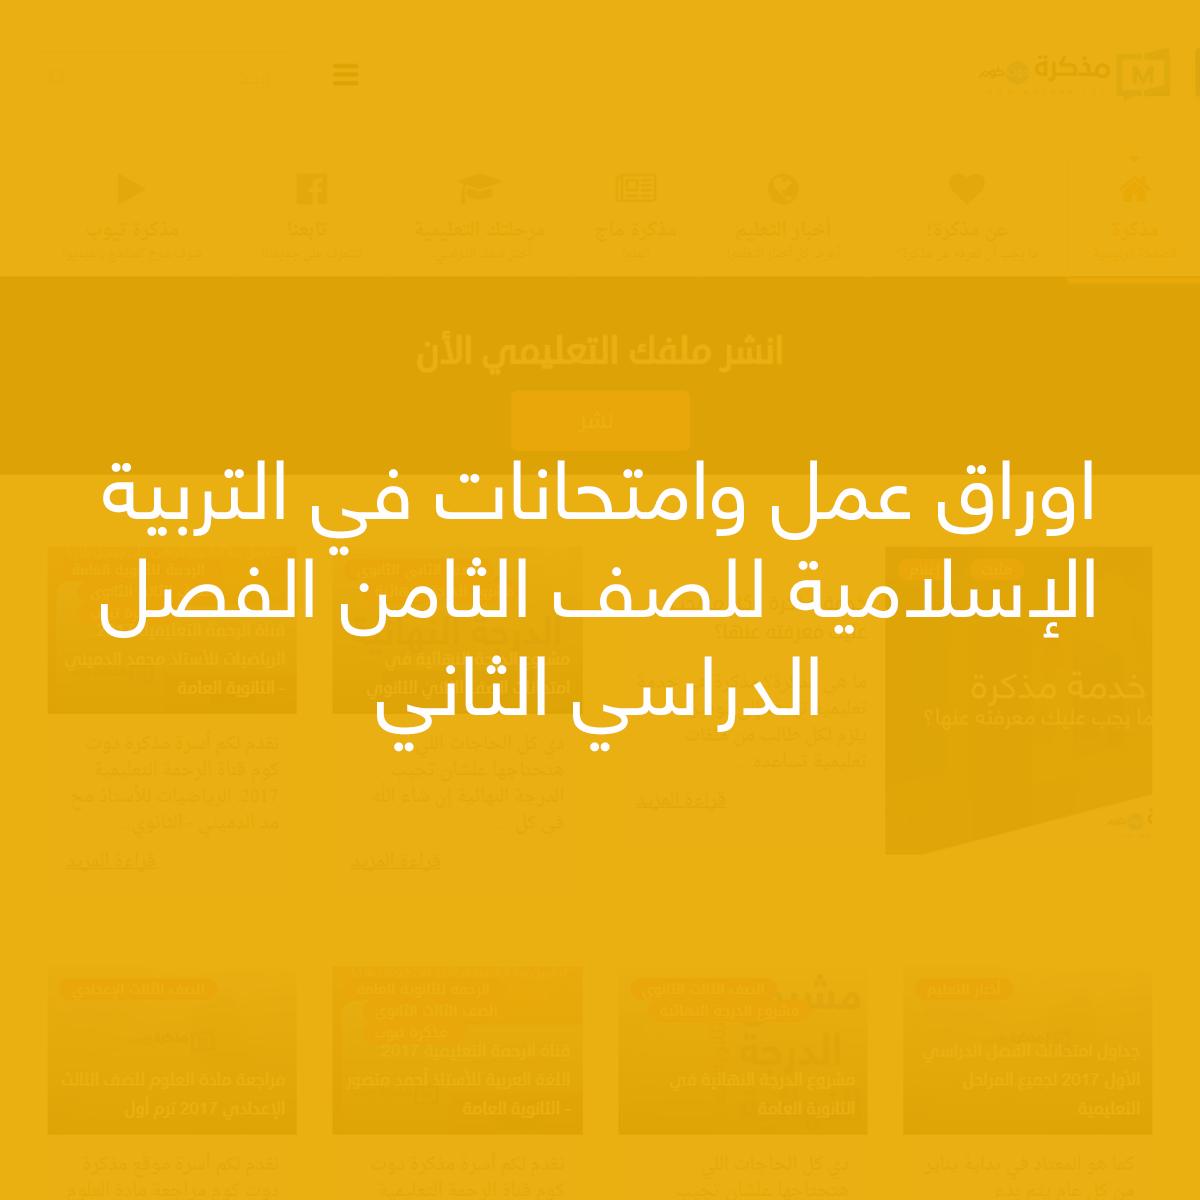 اوراق عمل وامتحانات في التربية الإسلامية للصف الثامن الفصل الدراسي الثاني